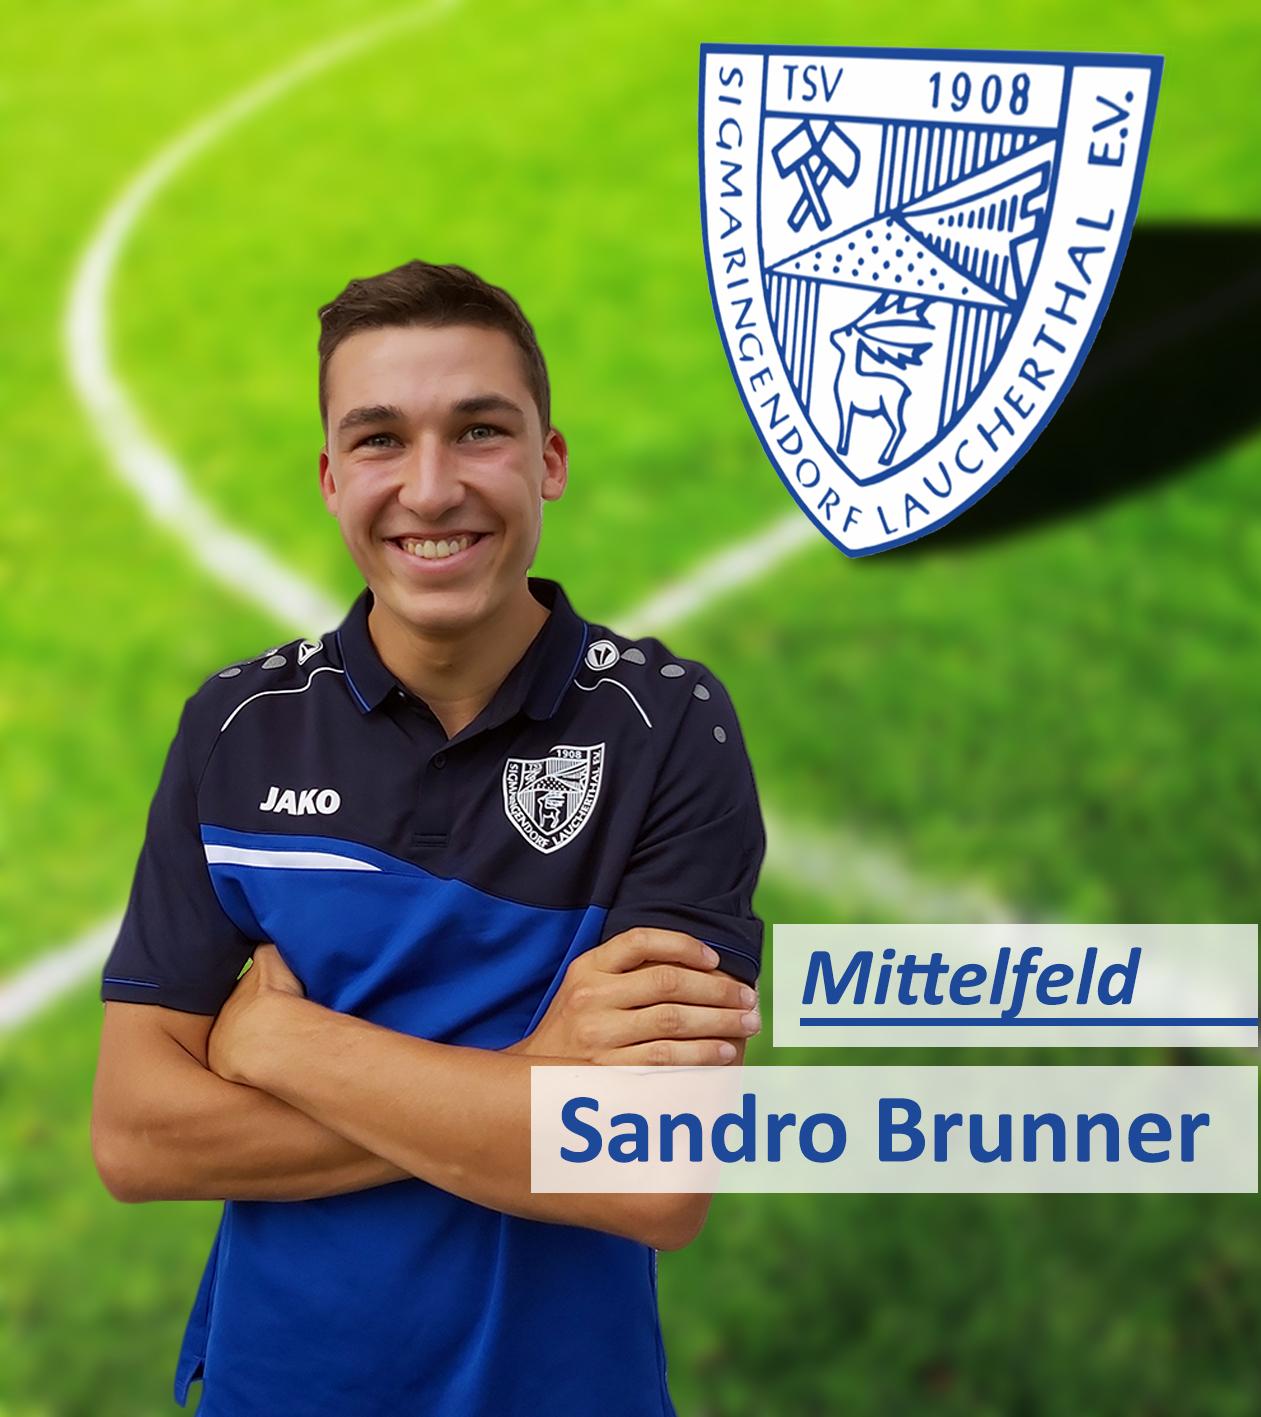 Sandro Brunner